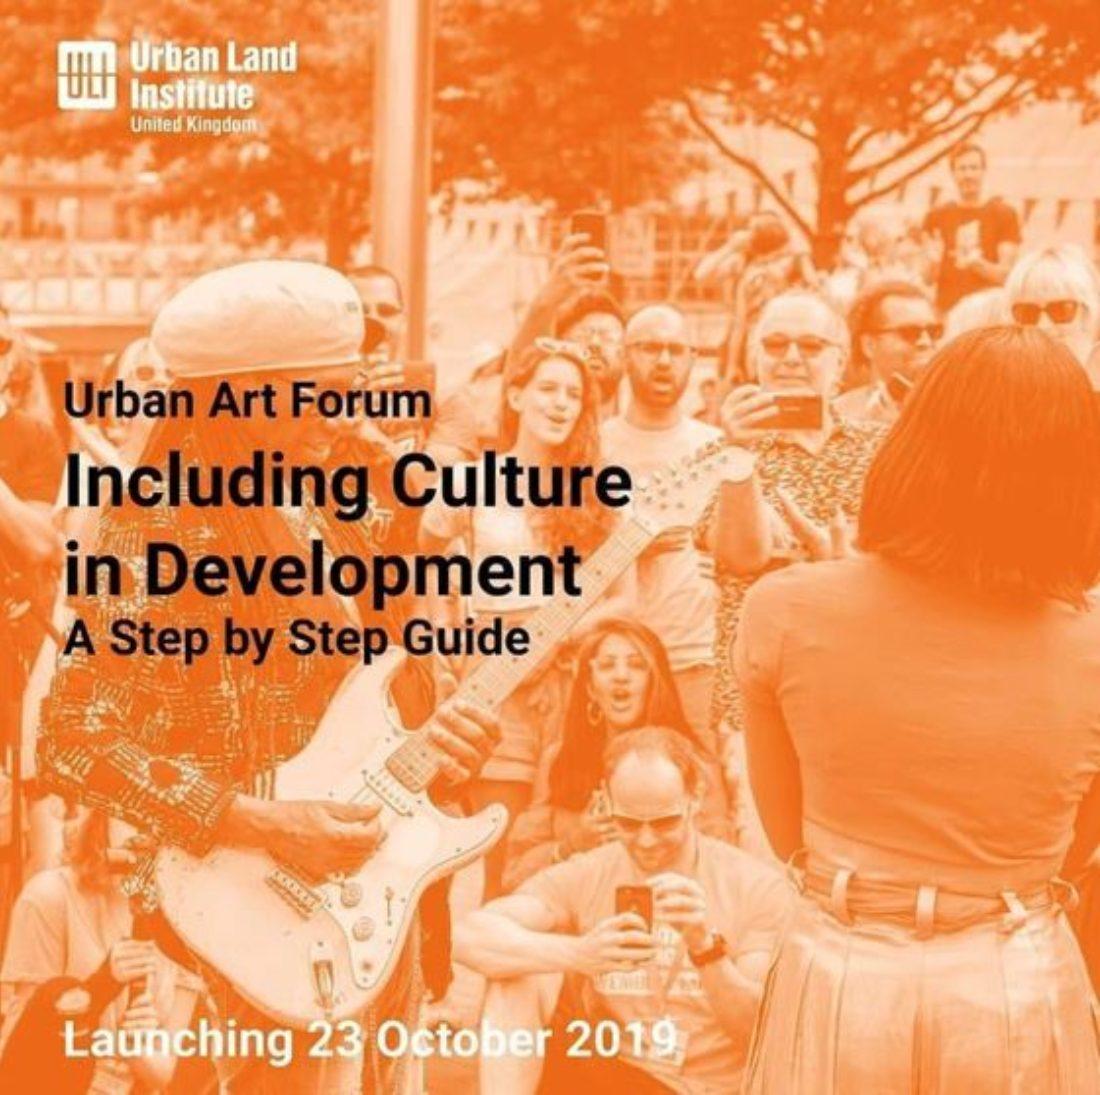 Simon Silver speaking at ULI Urban Art Forum image